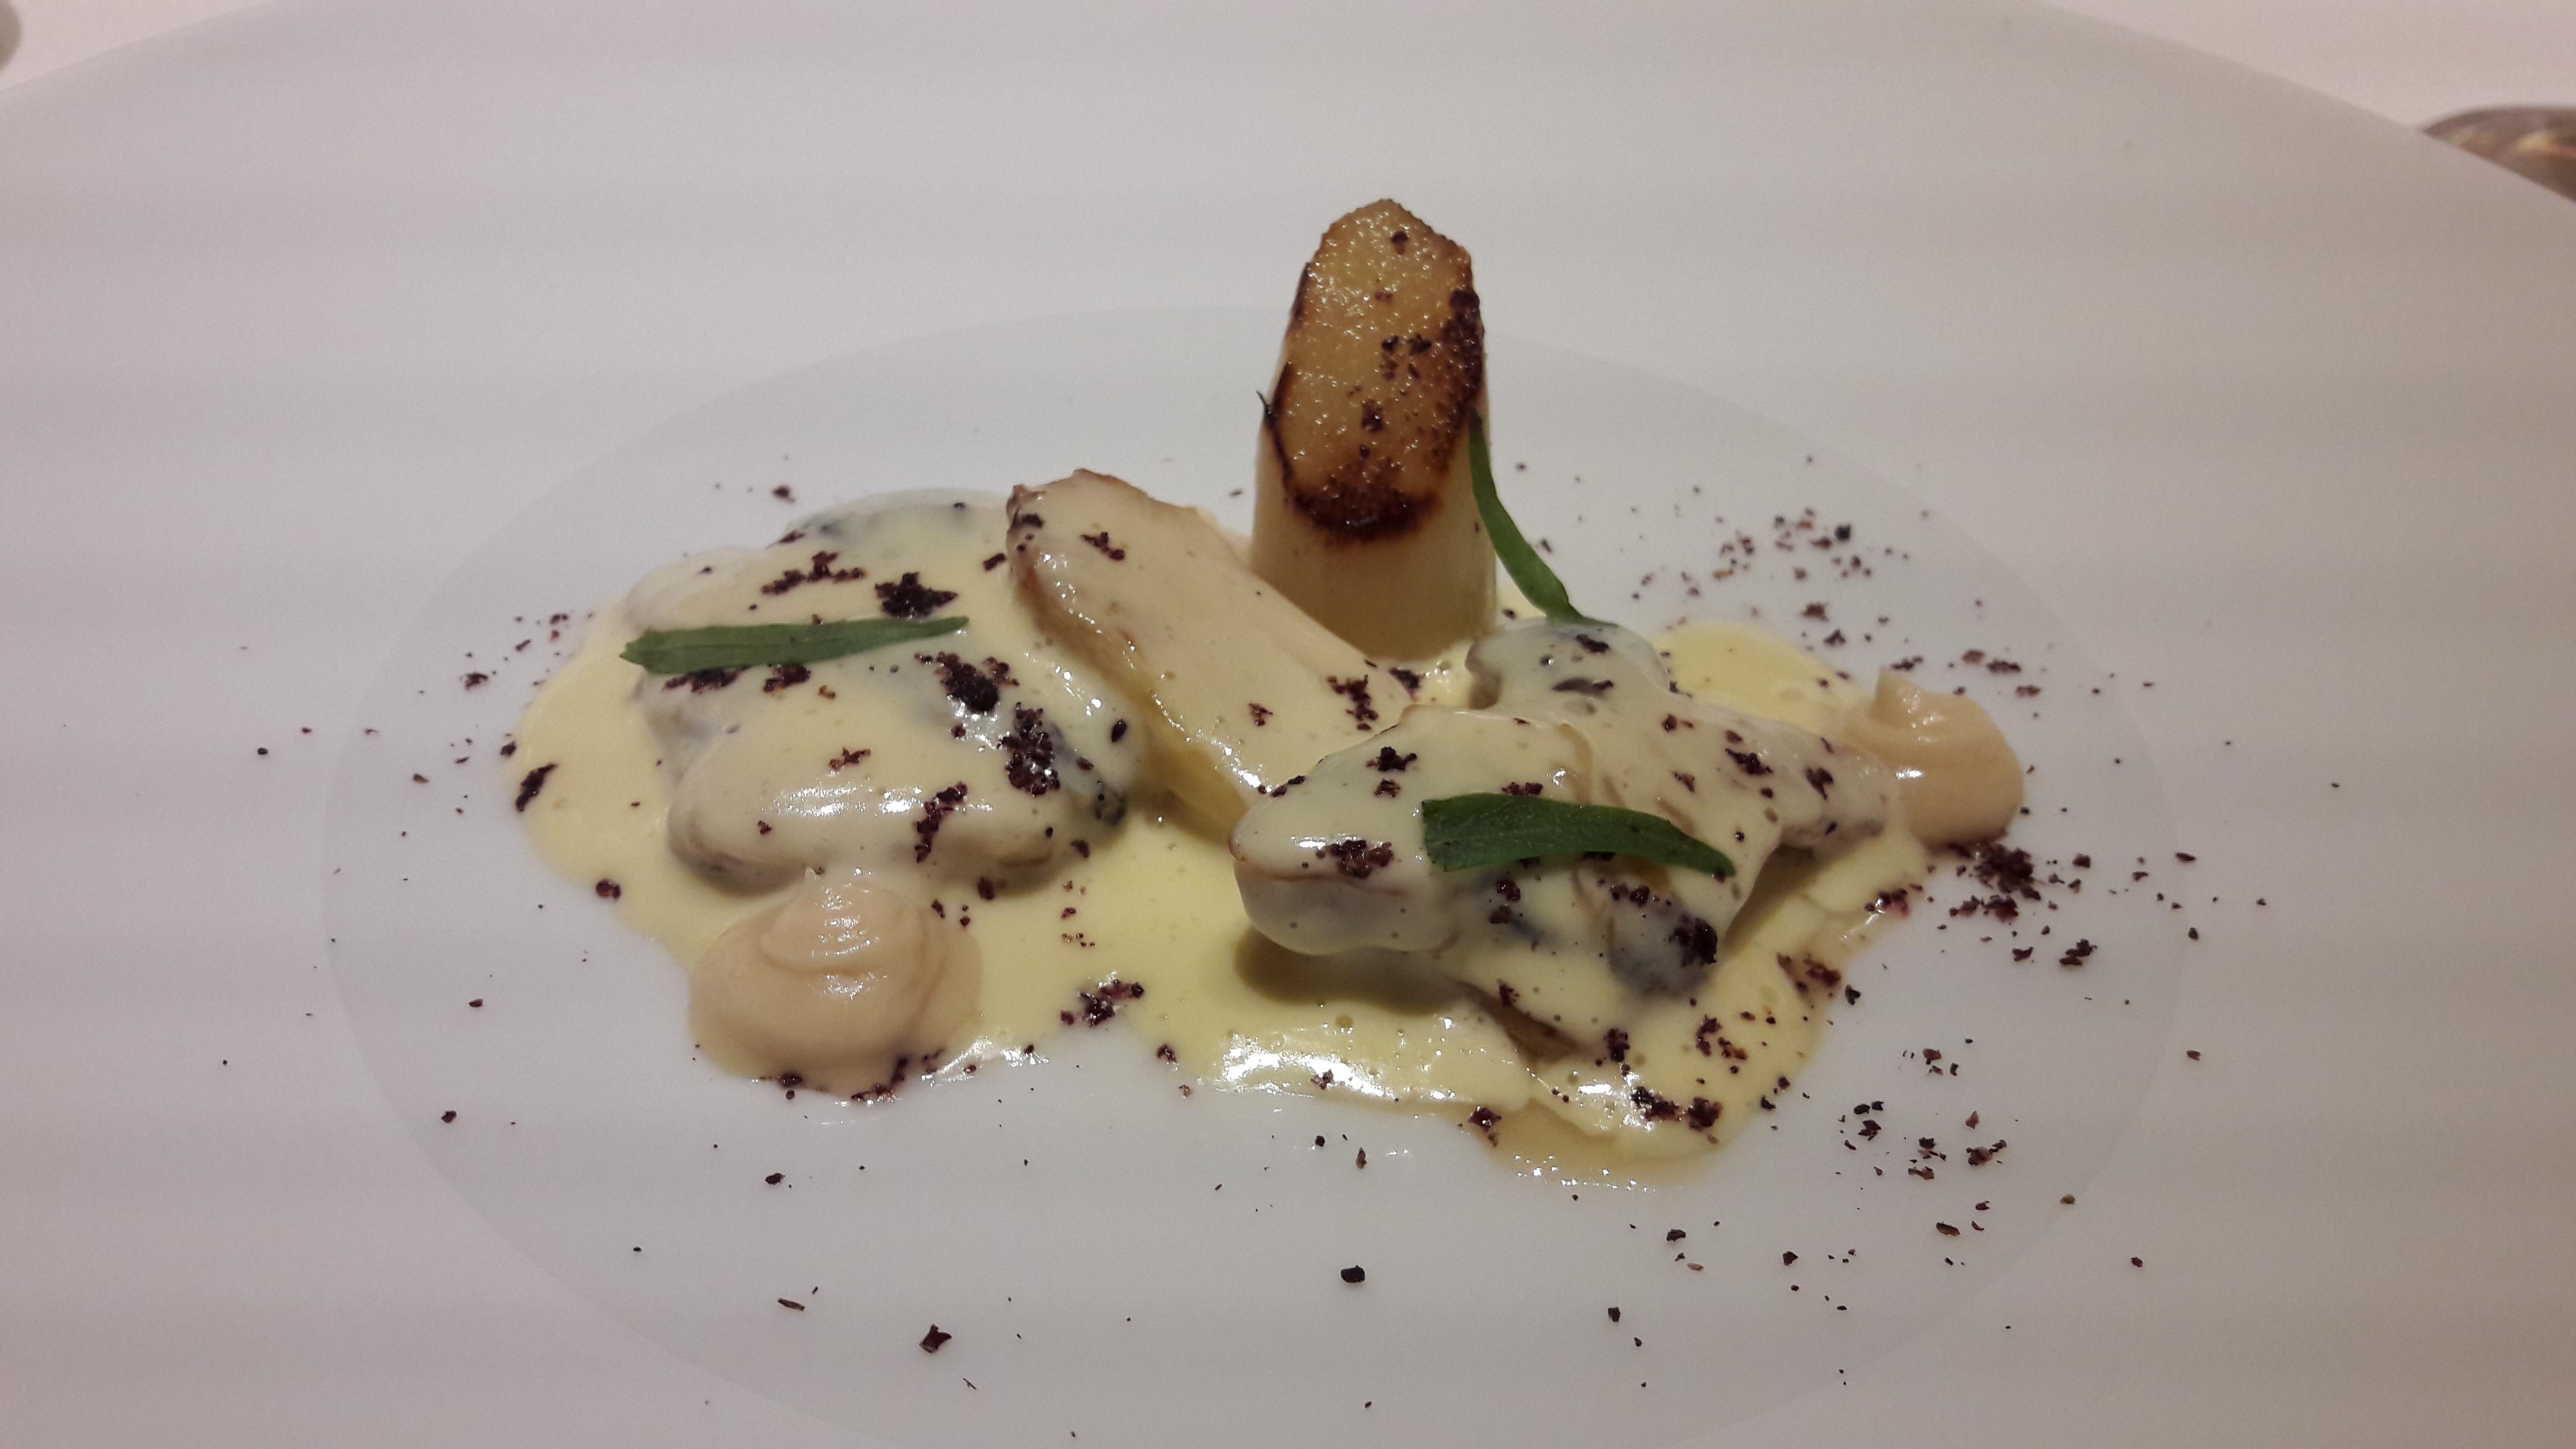 Restaurante en Valencia Cocochas, espárragos blancos, holandesa de merluza y levadura